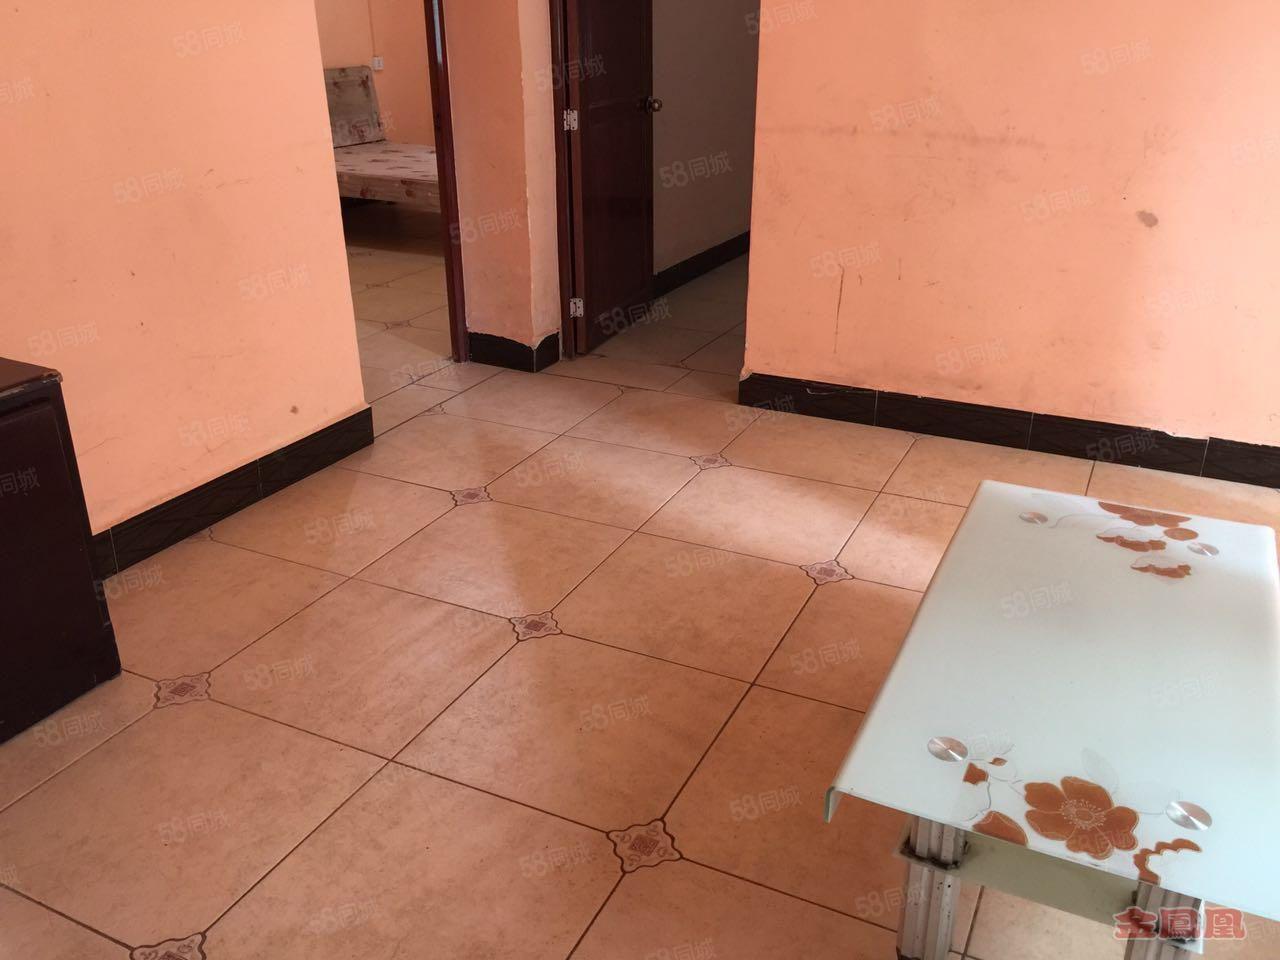 公寓610乌江片片鱼附近2室2厅出租低楼层